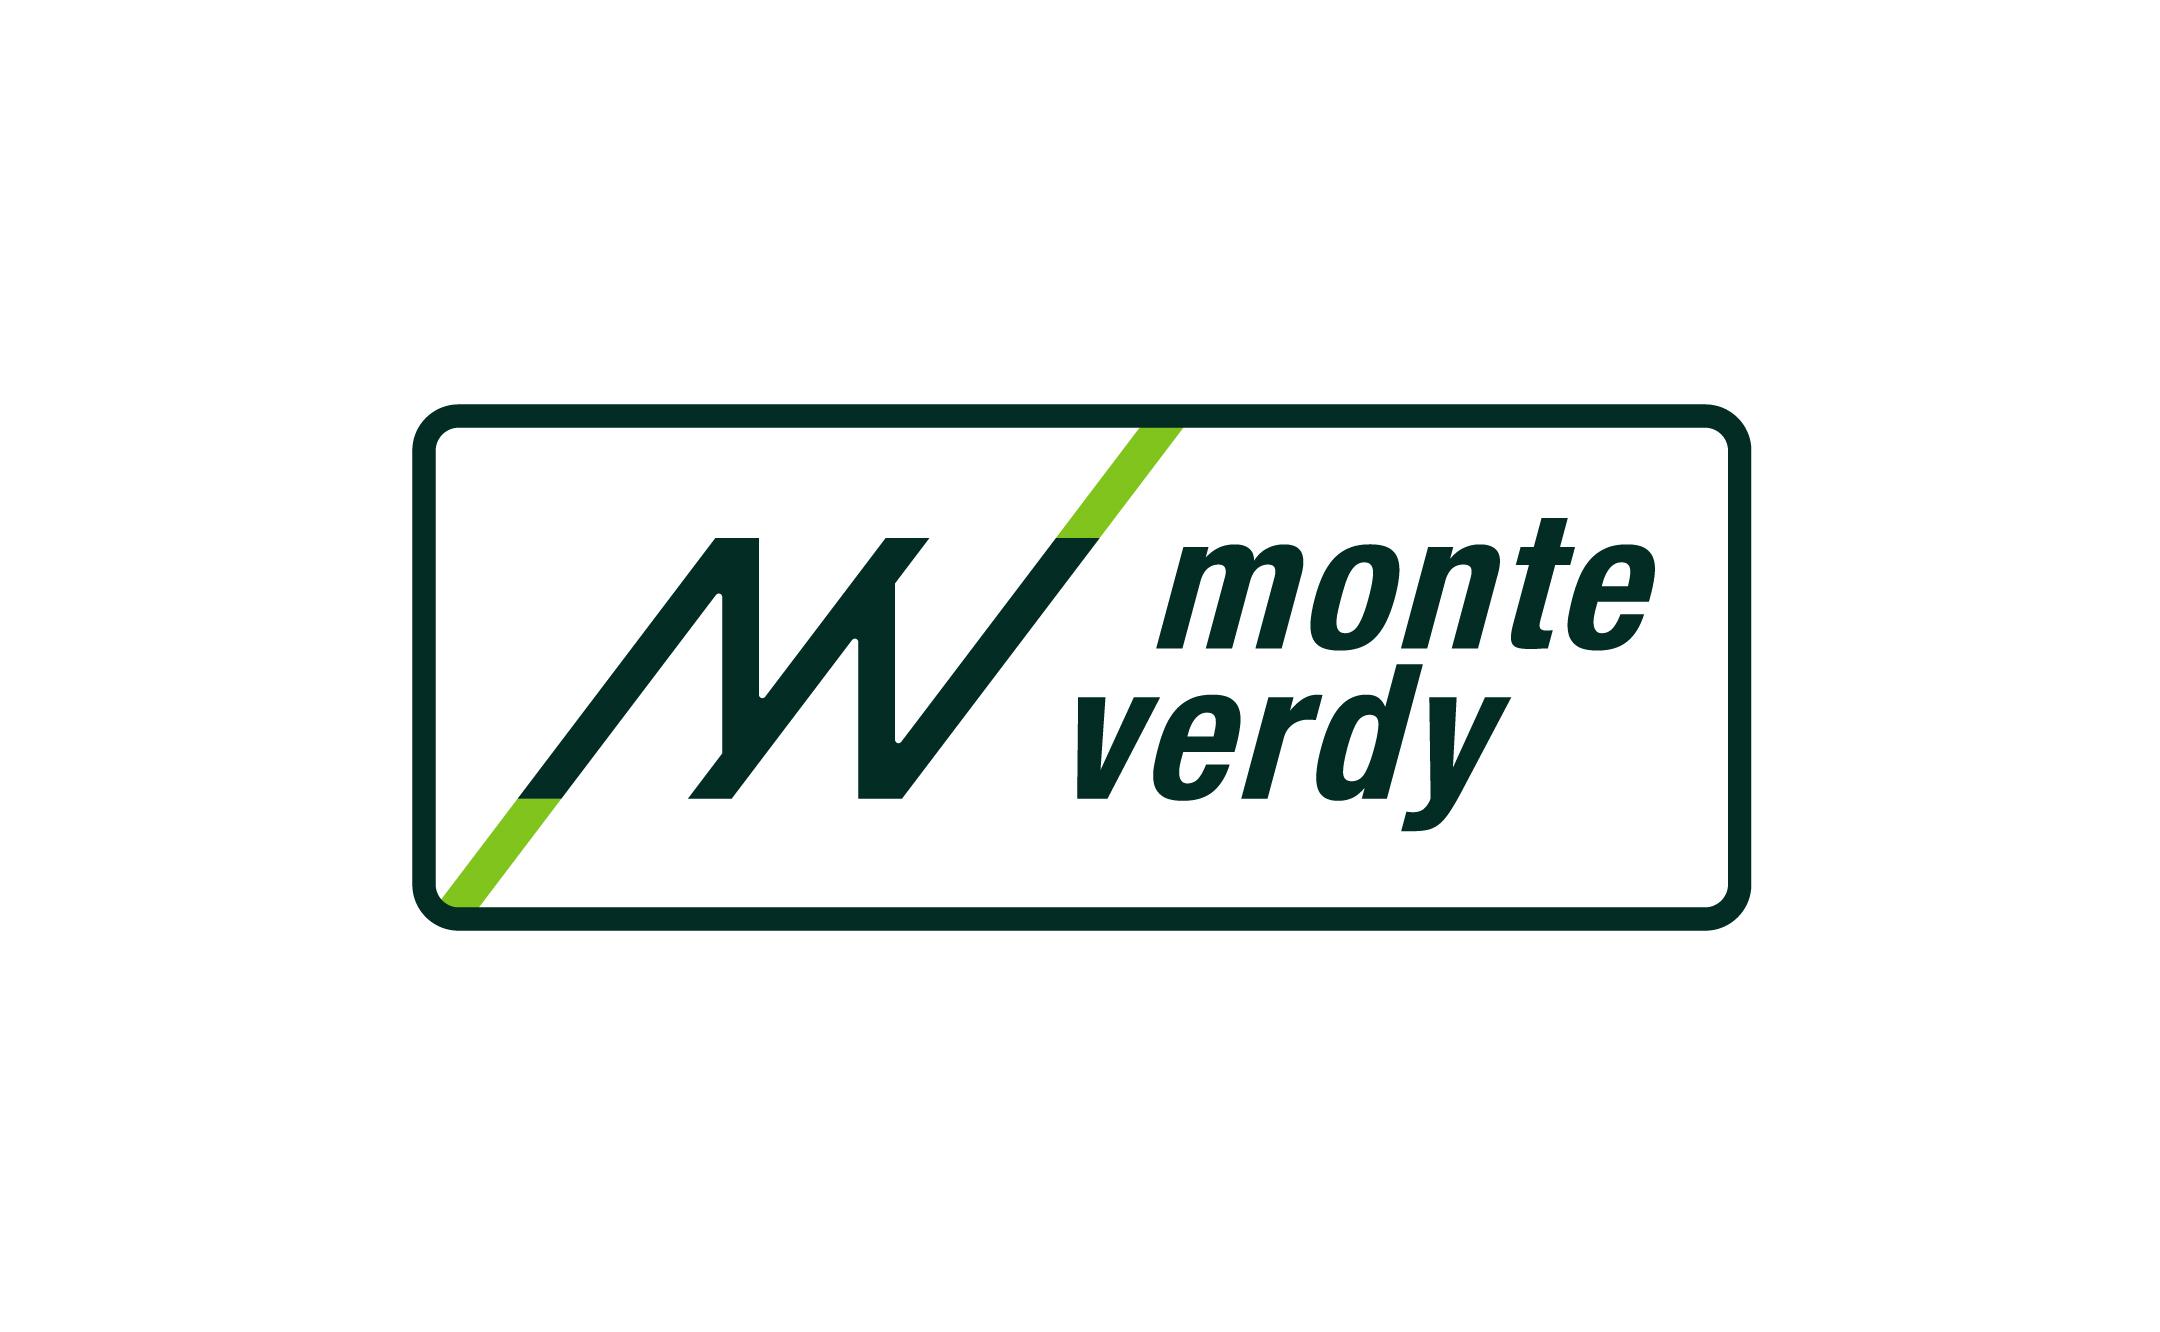 ガーデン機器 Monteverdy ロゴ・ネーミング制作